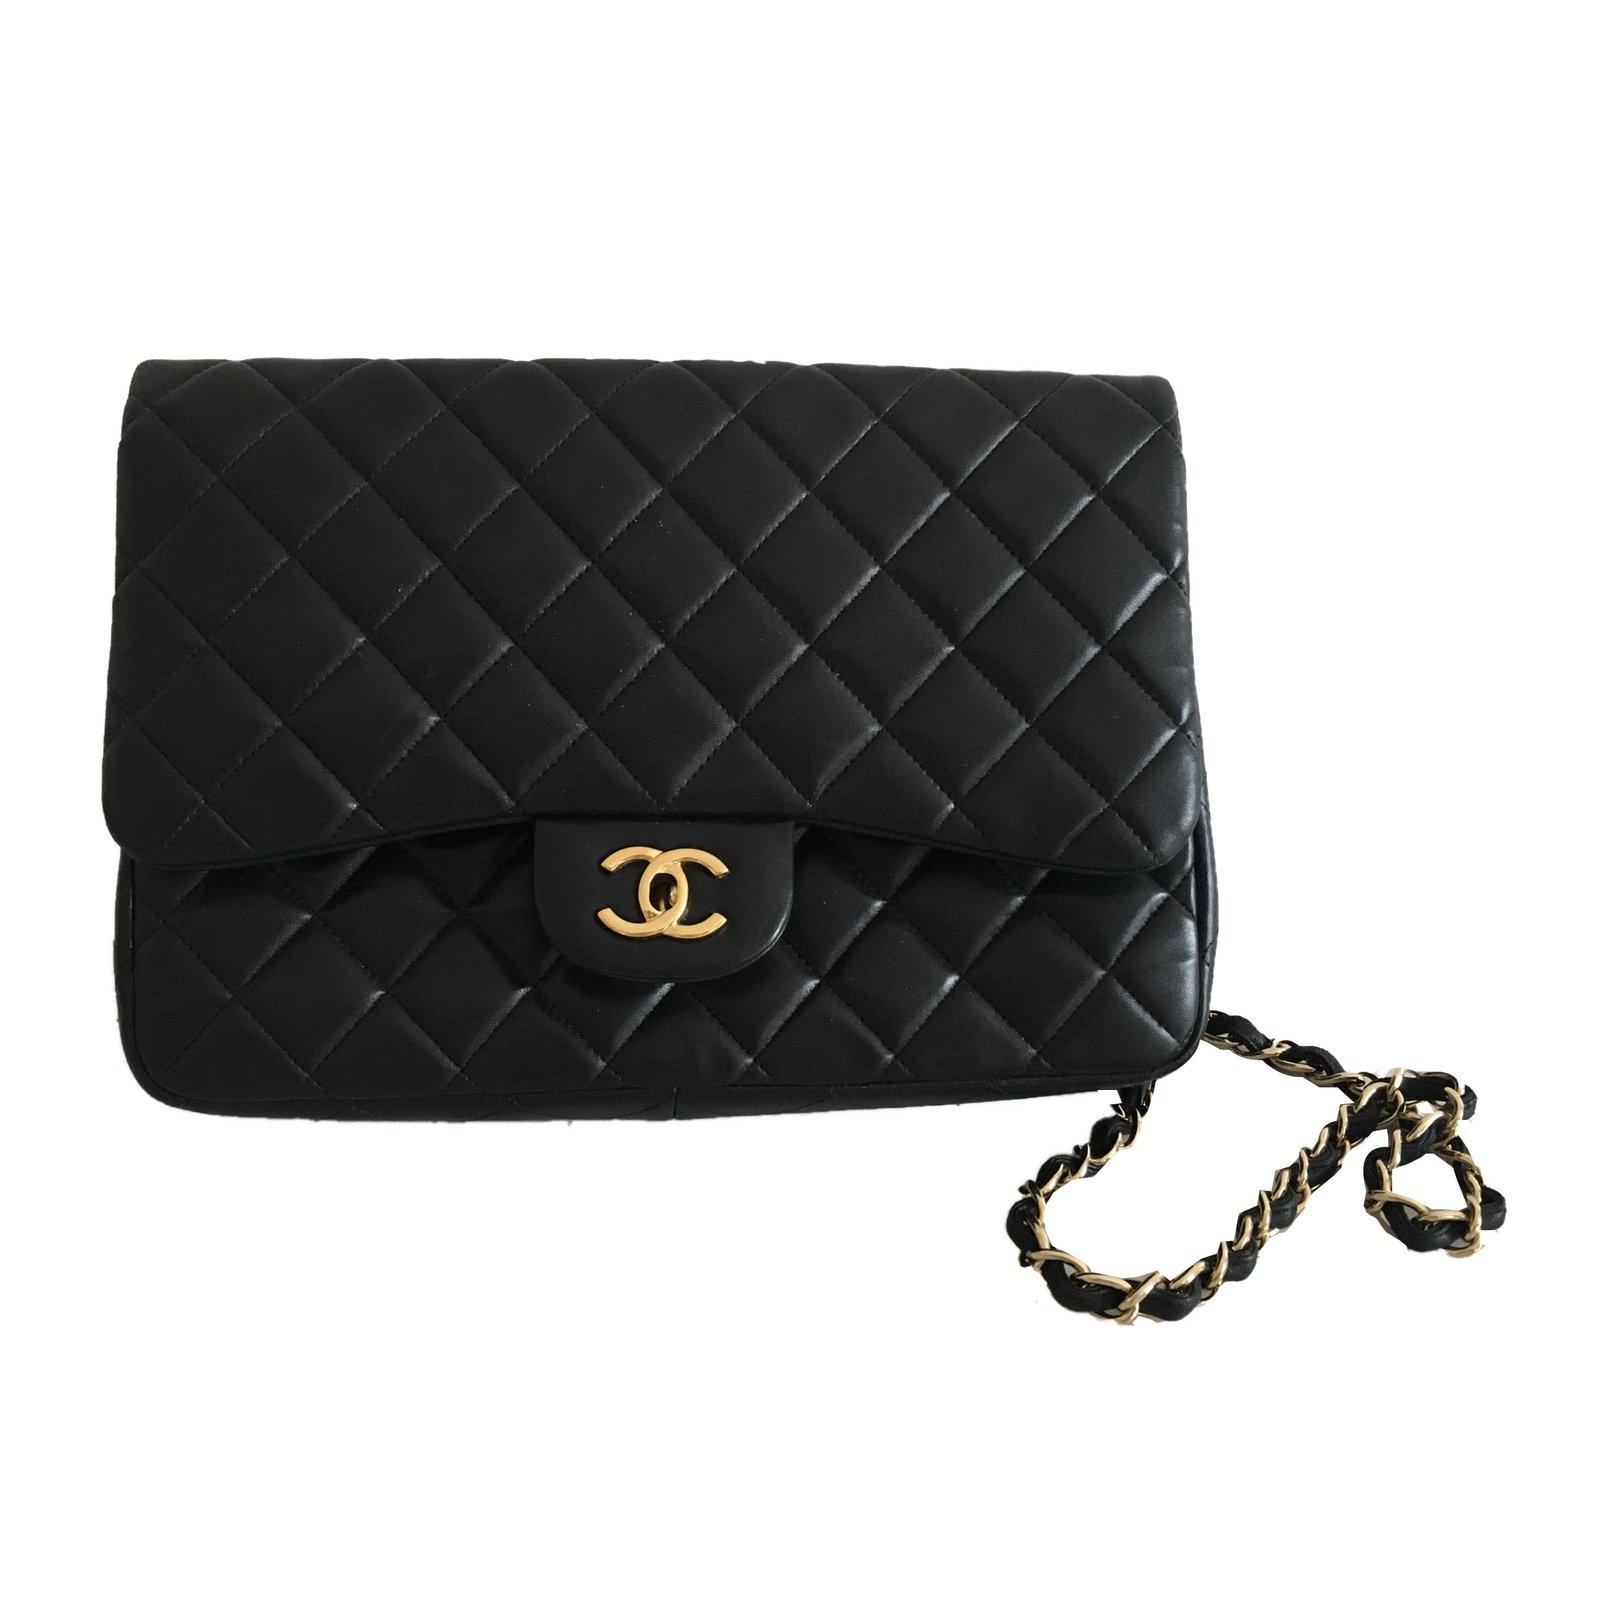 b4754276a5f4 Chanel Timeless Handbags Lambskin Black ref.61695 - Joli Closet